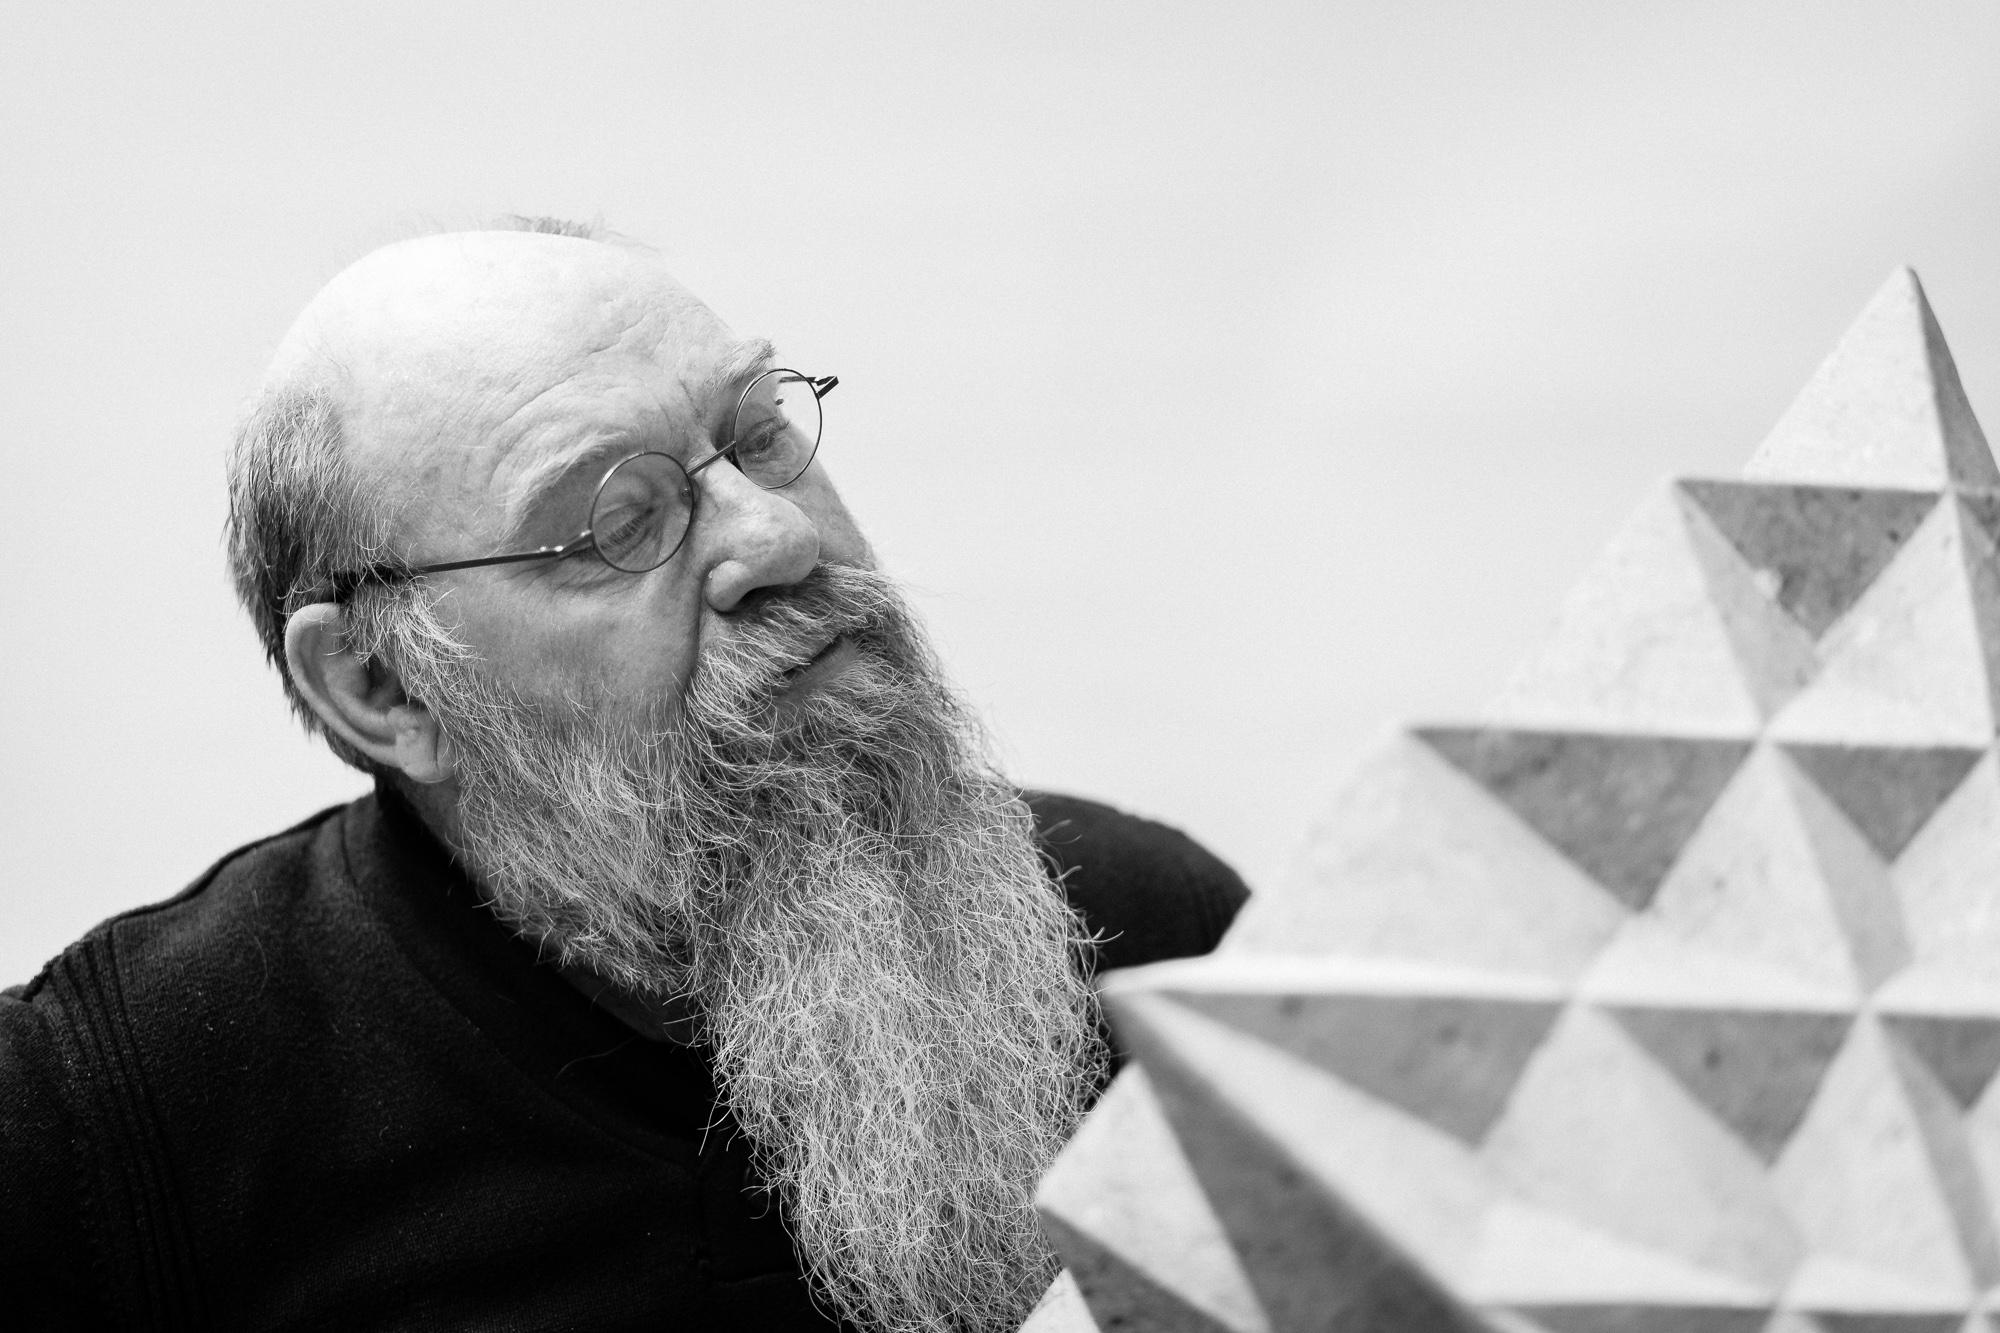 Gerrit Peele VIII